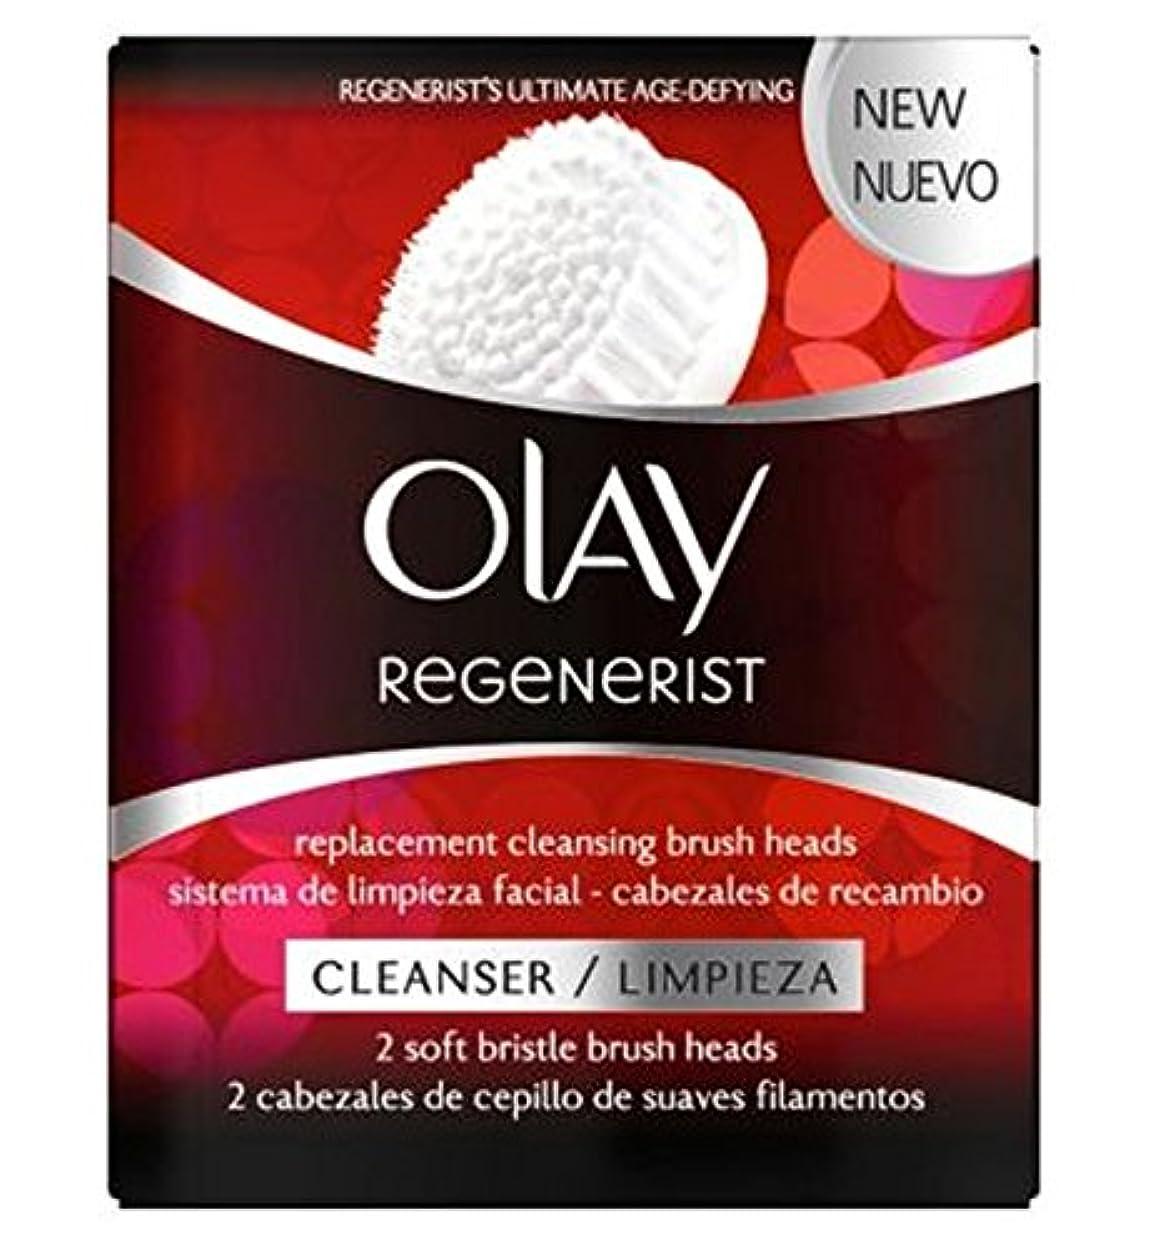 偽造スカリー無関心Olay Regenerist 2 Replacement Cleansing Brush Heads - オーレイリジェネ2交換用クレンジングブラシヘッド (Olay) [並行輸入品]